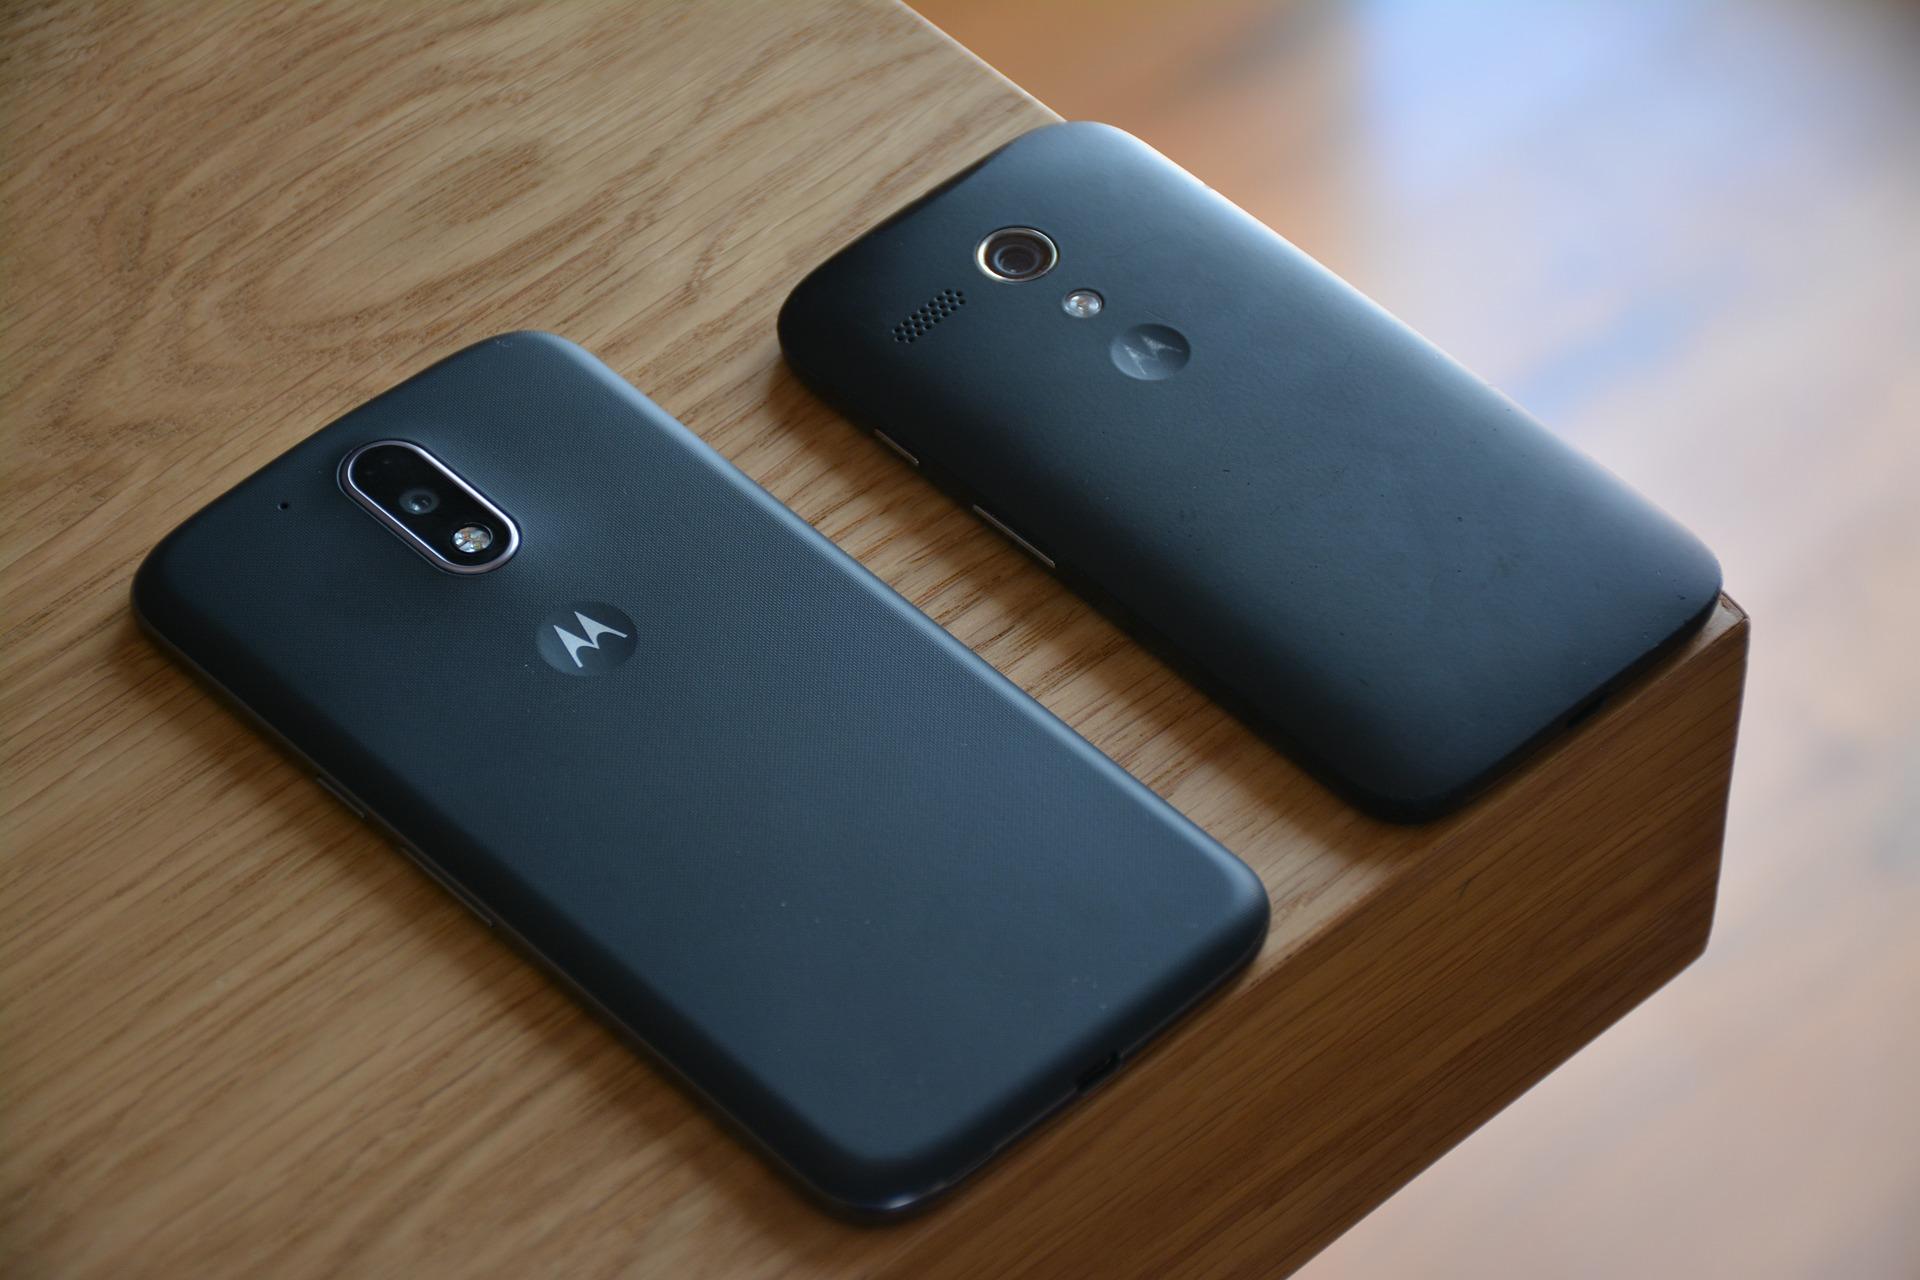 Imagem mostra dois celulares Motorola de diferentes tamanhos sobre uma mesa.